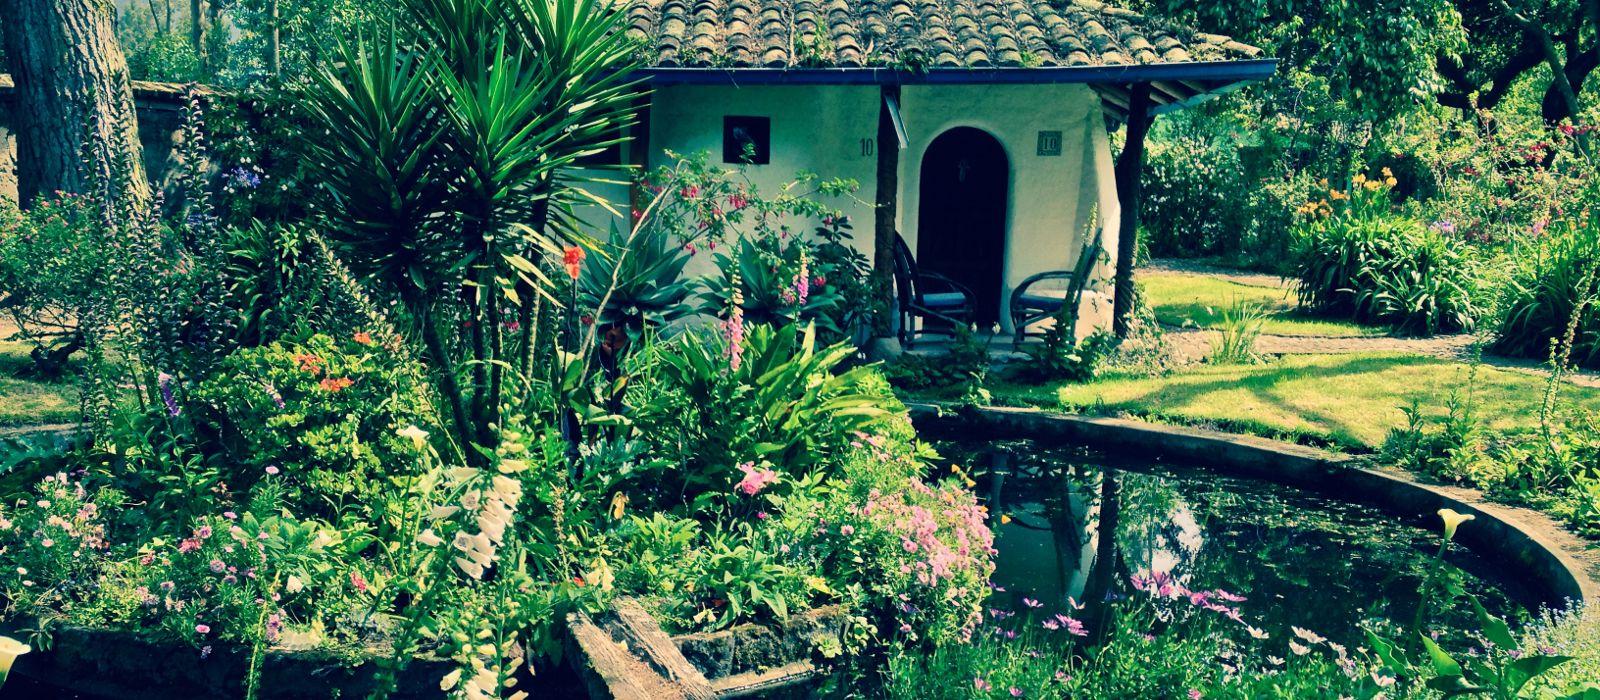 Hotel Hacienda Cusin Ecuador/Galapagos